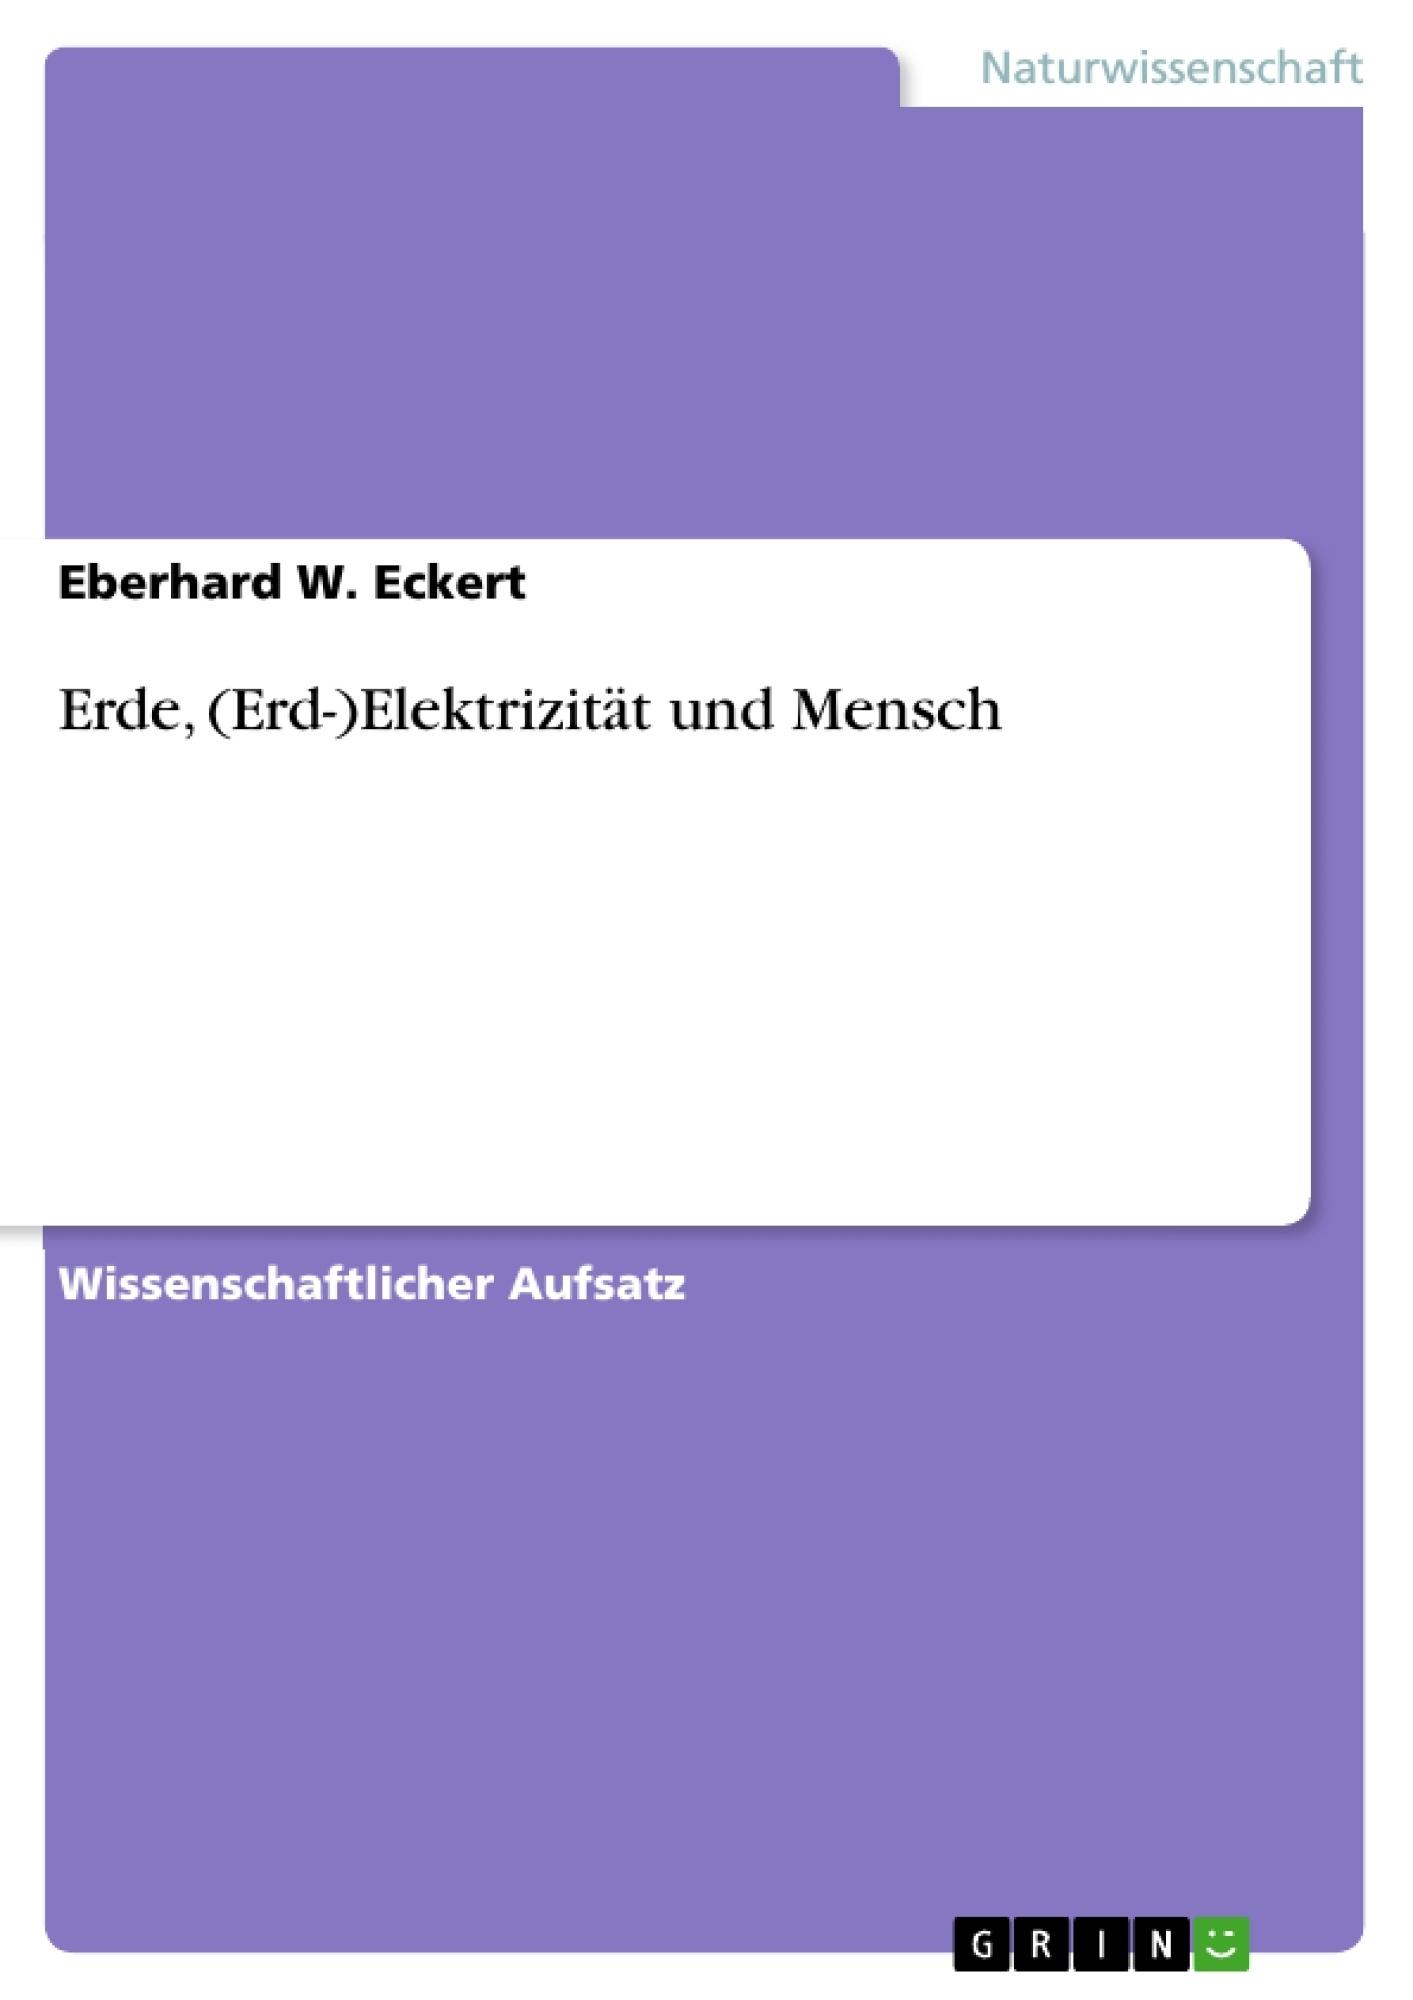 Titel: Erde, (Erd-)Elektrizität und Mensch